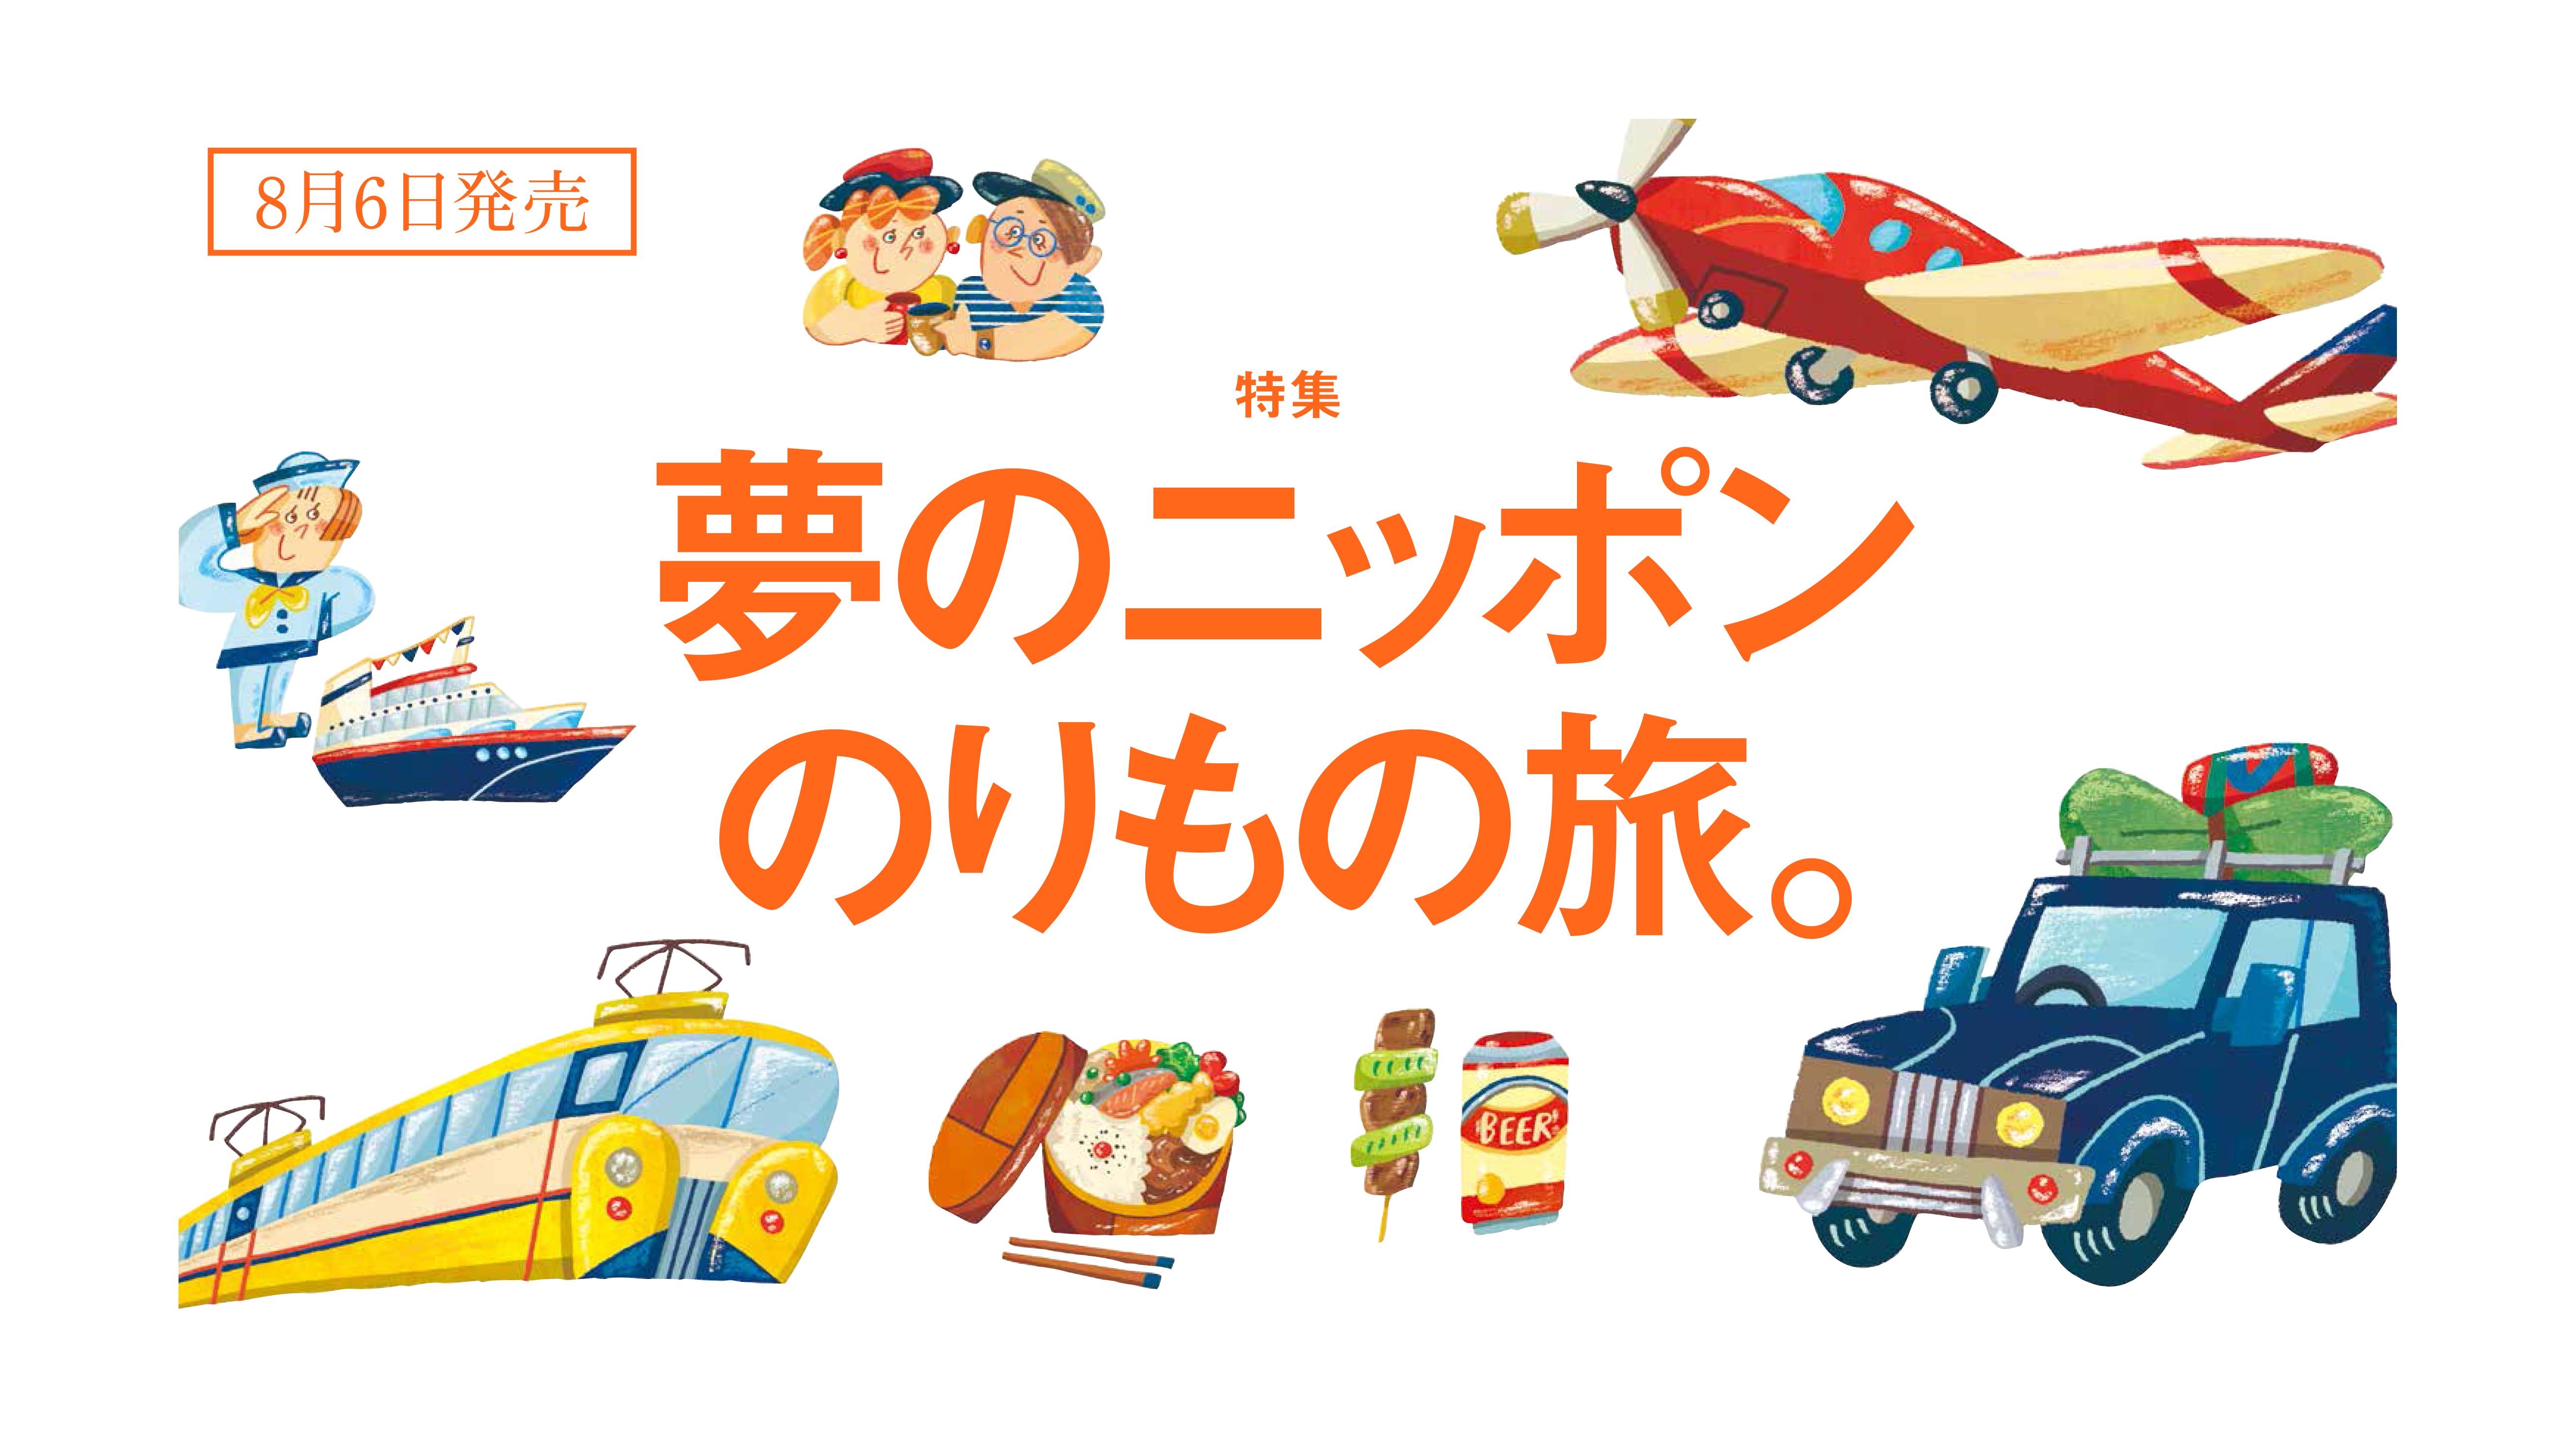 特集:夢のニッポンのりもの旅。<br/>【8/6発売】Discover Japan9月号